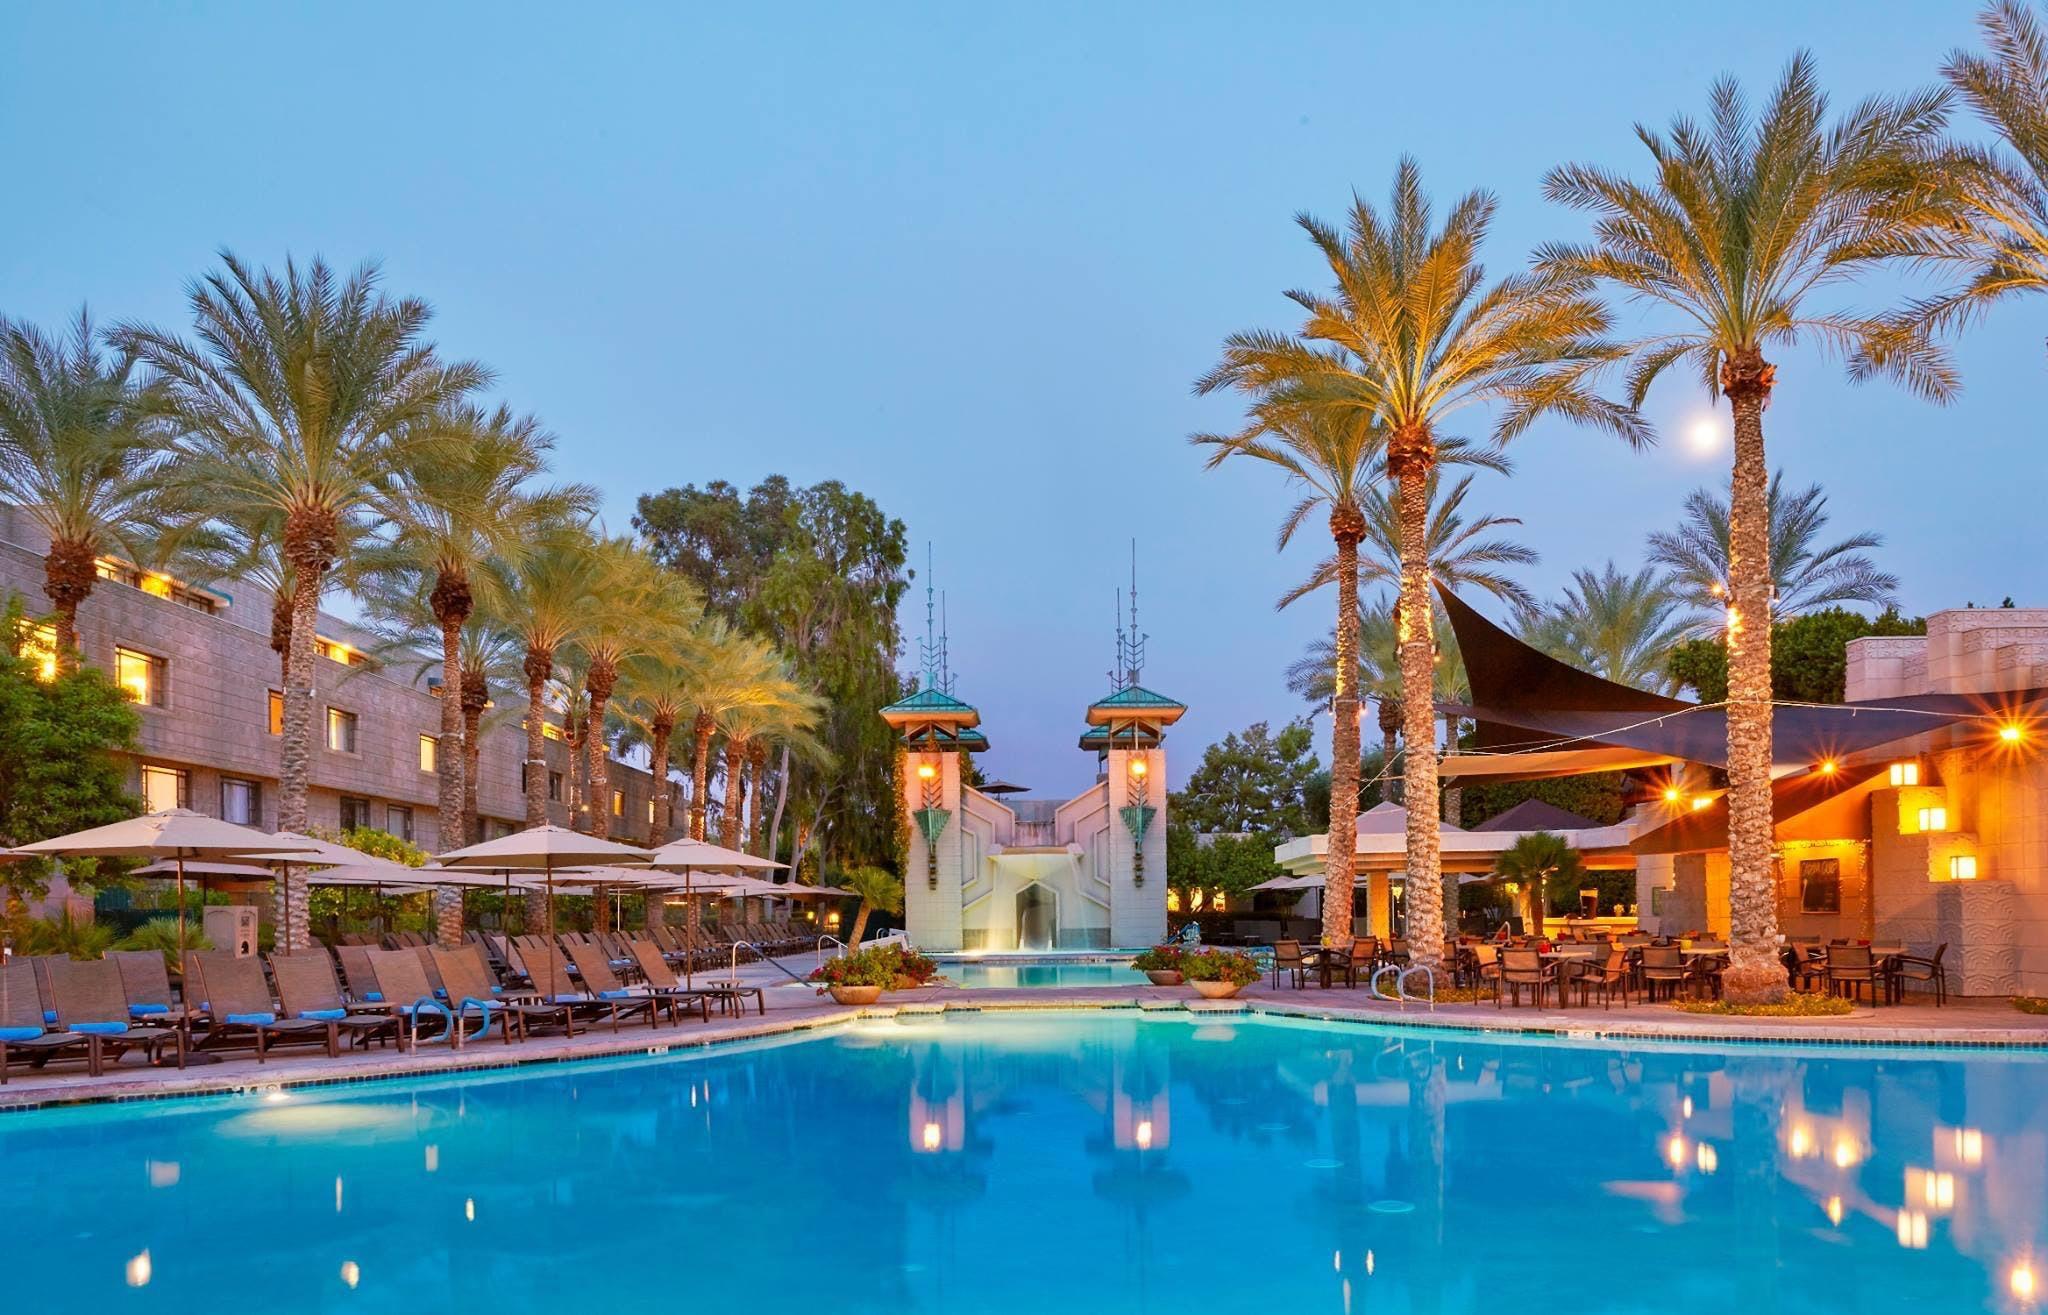 pool at Arizona Biltmore, a Waldorf Astoria Resort